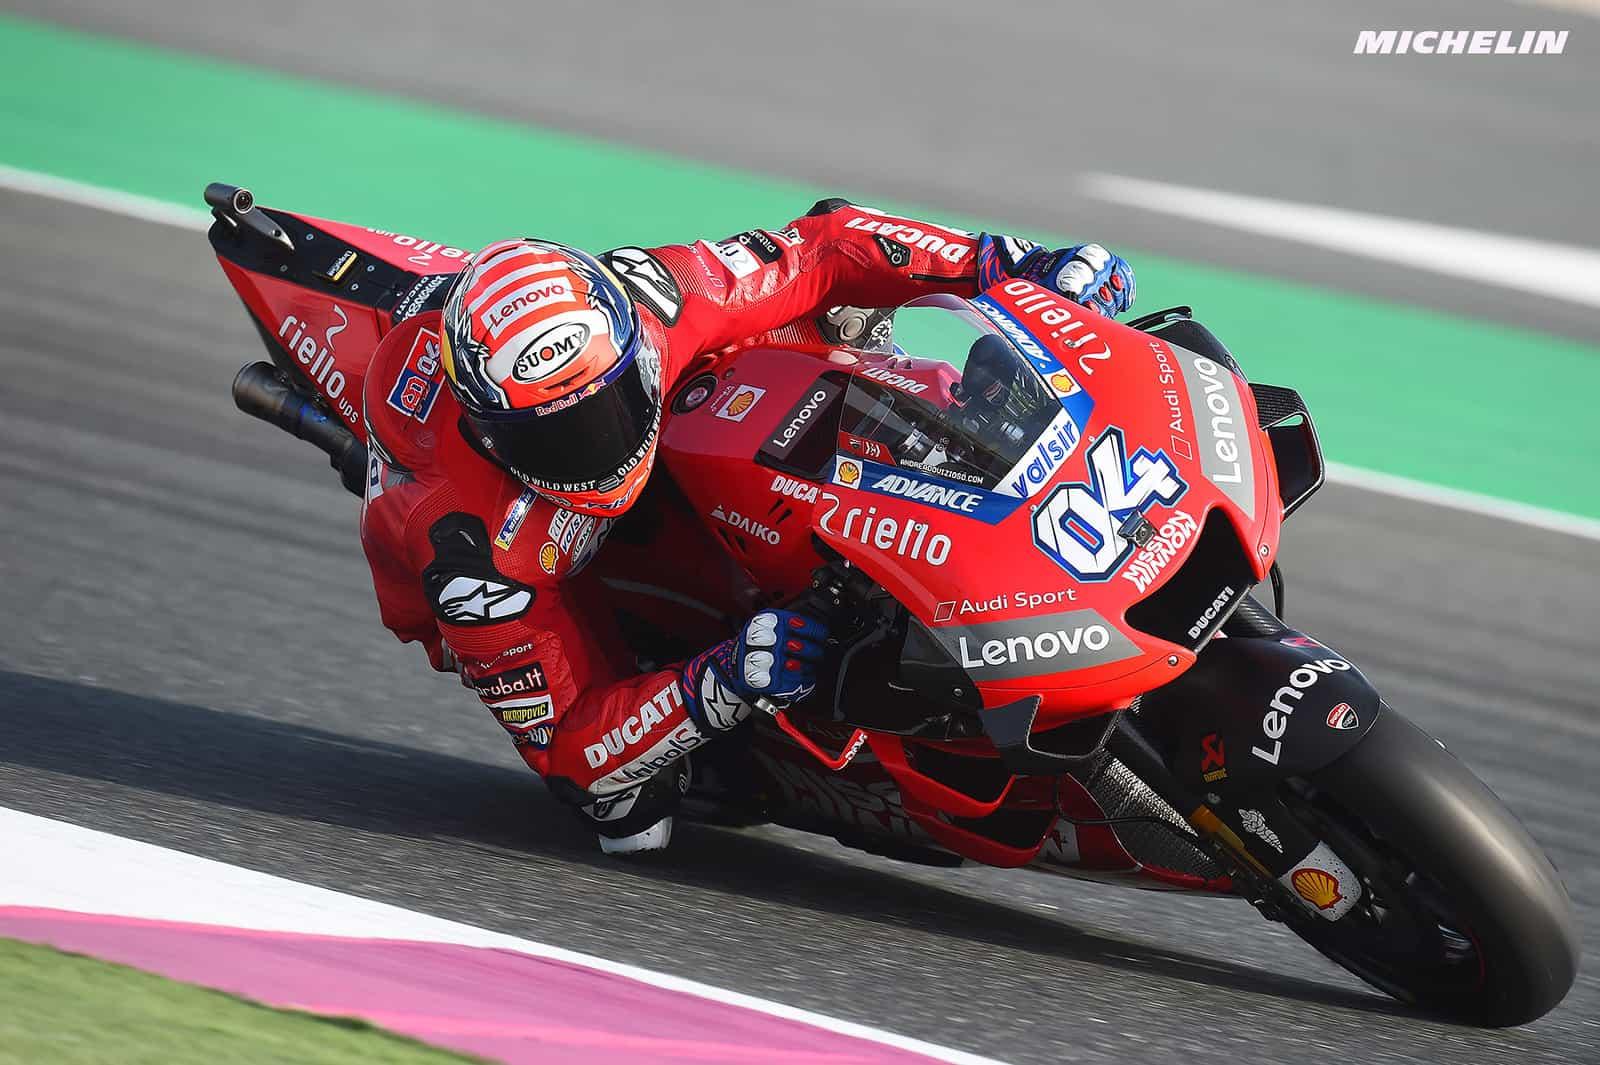 ジジ・ダッリーニャ「Ducatiはレギュレーションに違反していないと確信していた」